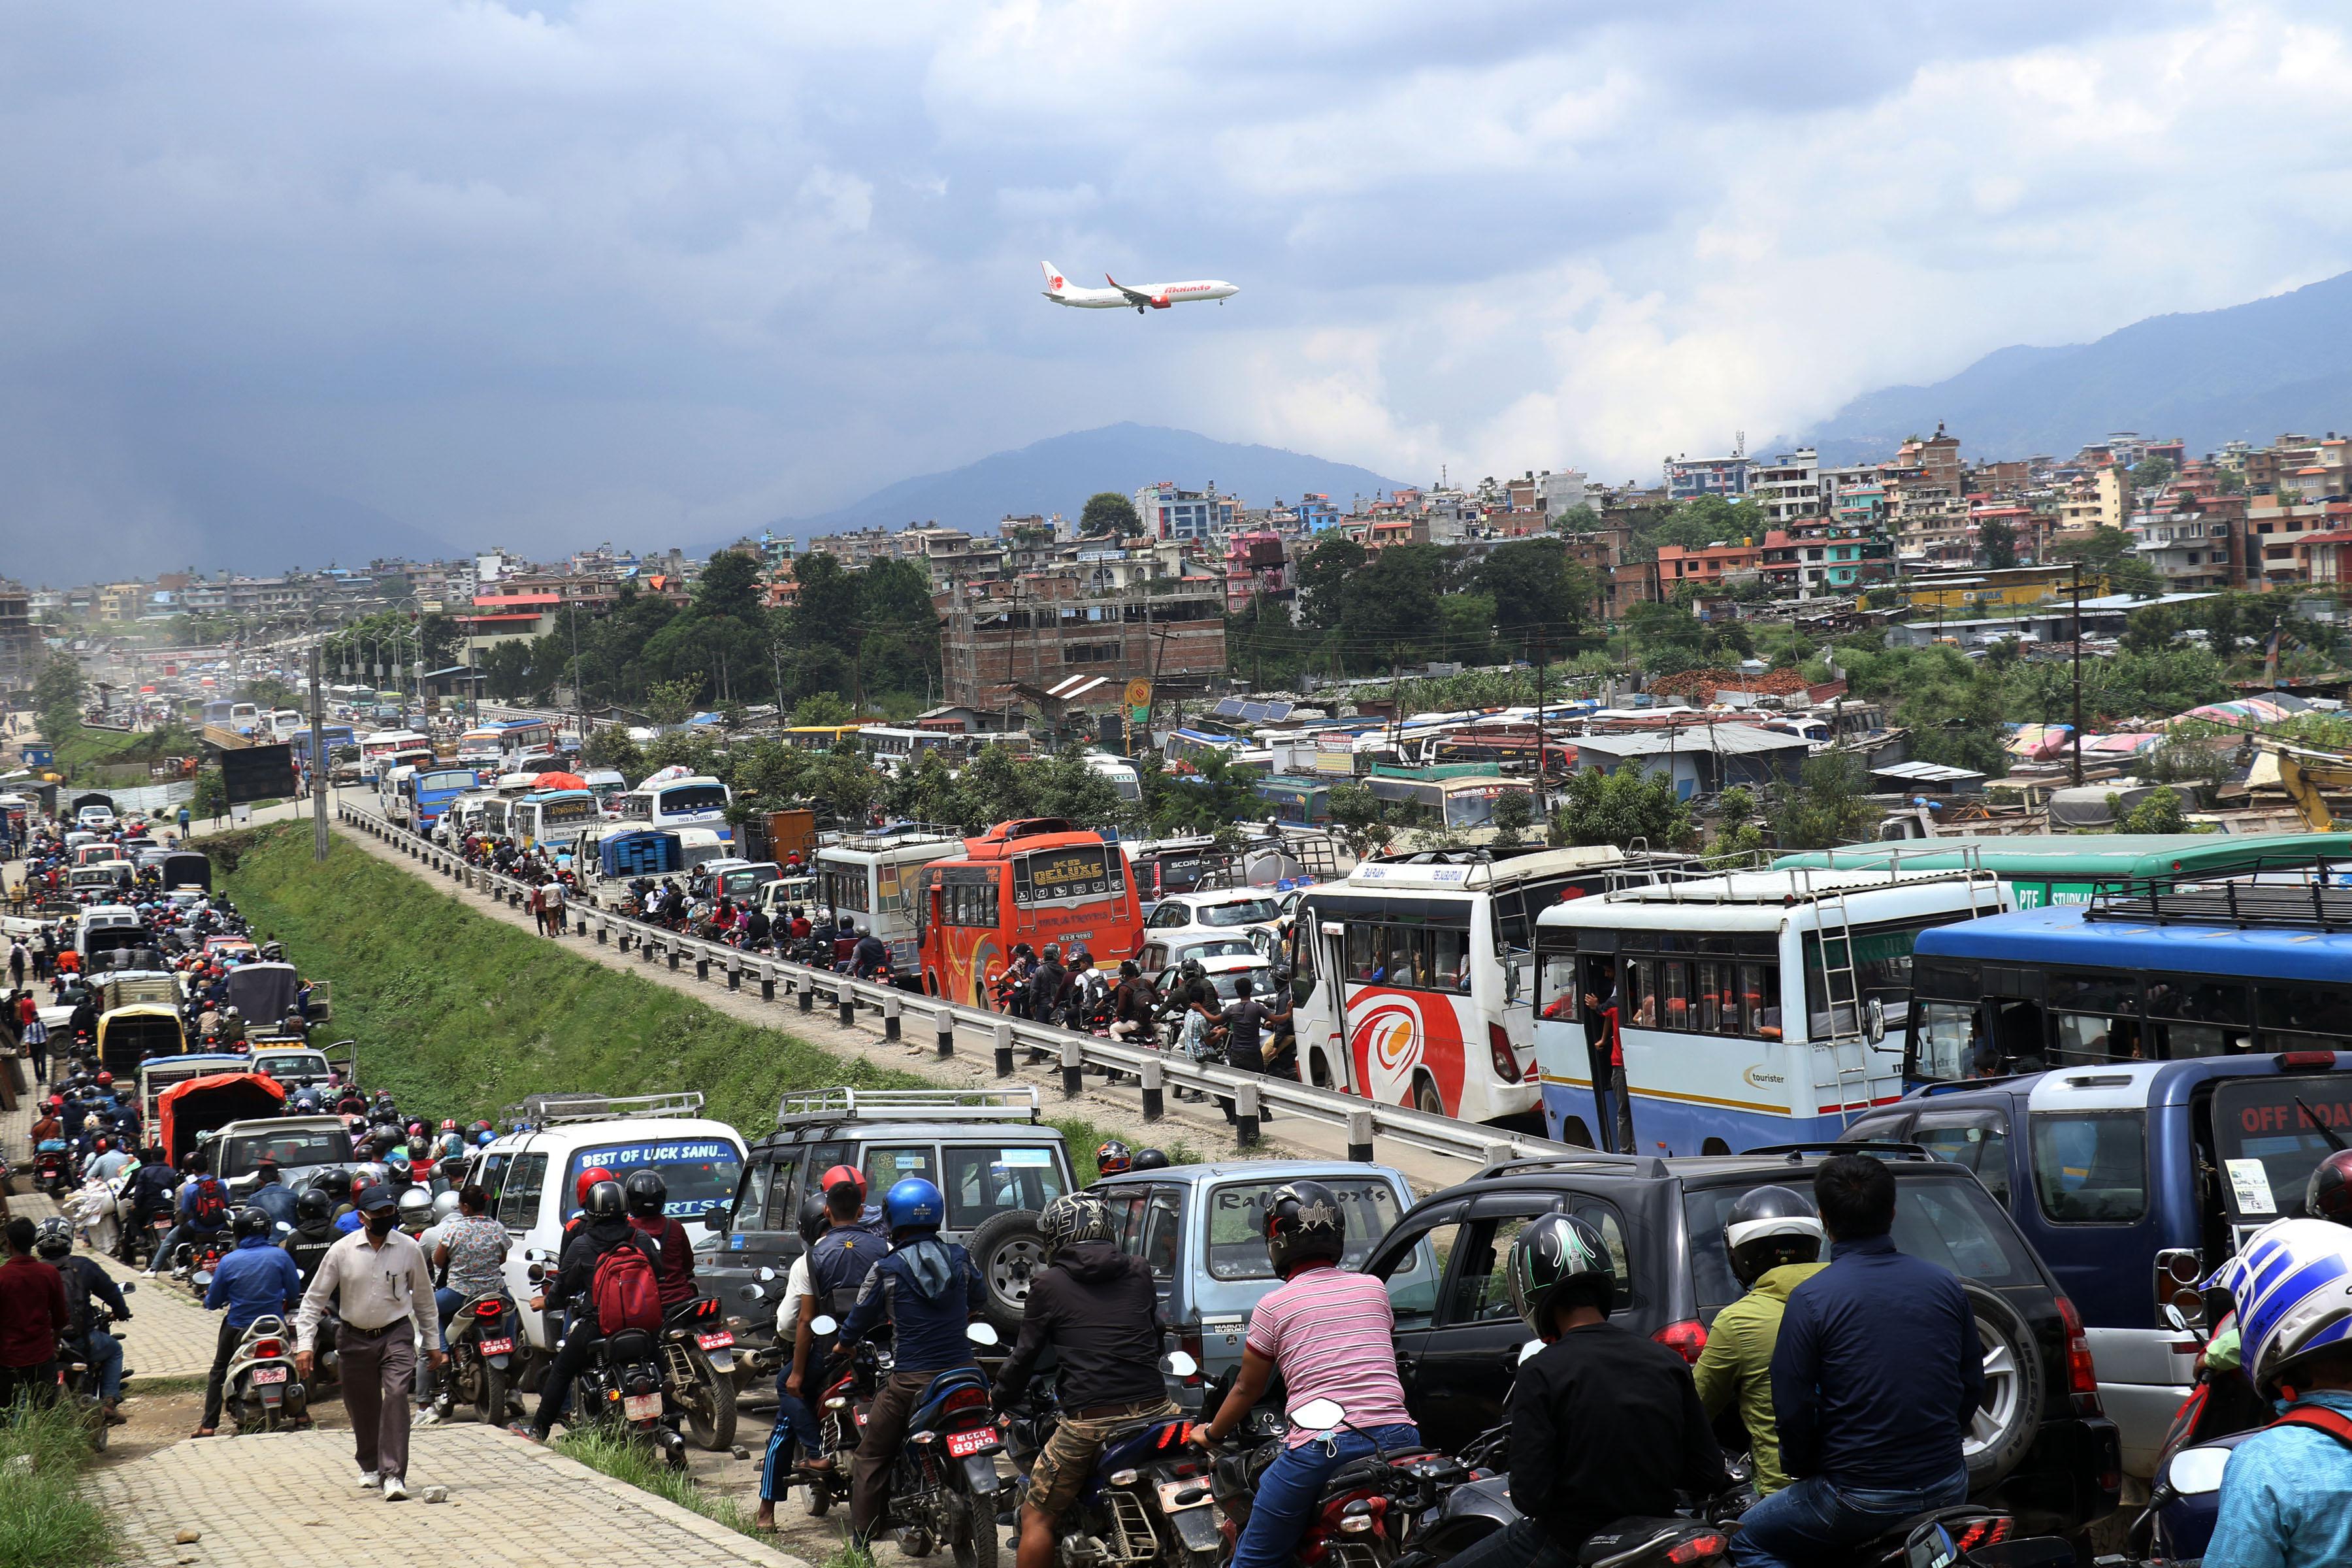 काठमाडौंको सवारी व्यवस्थापन : सार्वजनिकलाई भरपर्दो बनाएर निजीलाई निरुत्साहन